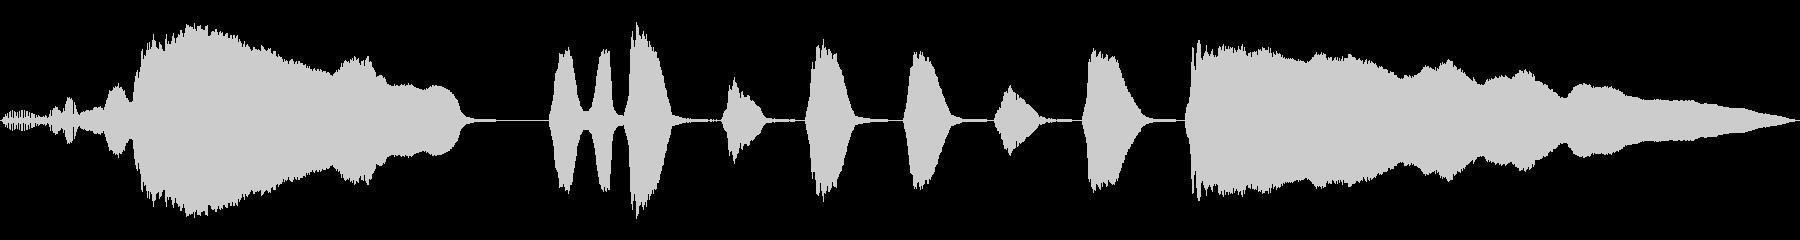 勝利のラテン語トランペットアクセント2の未再生の波形